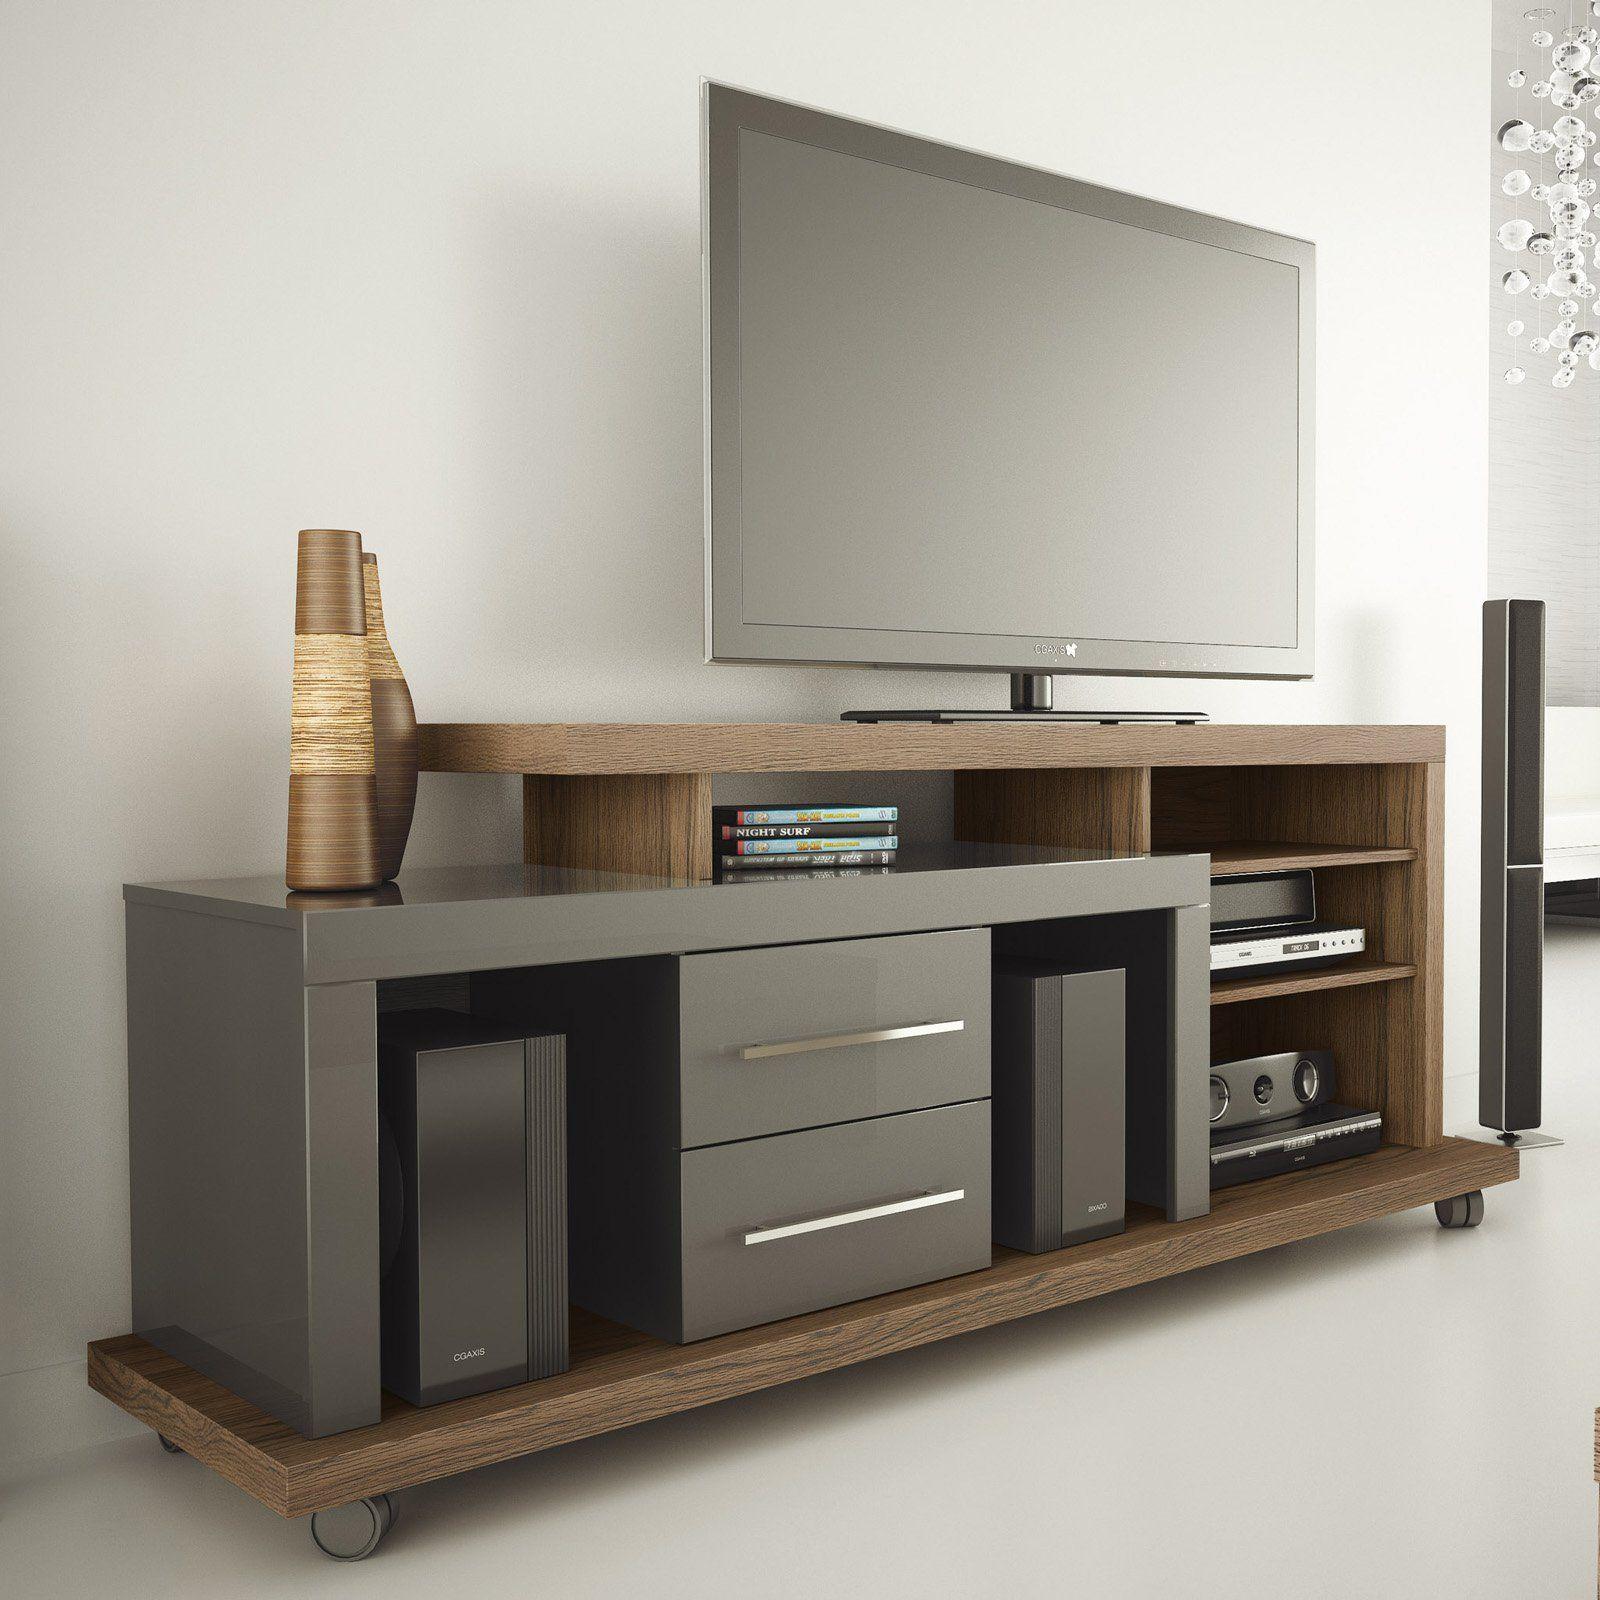 Manhattan Comfort Empire Tv Stand Www Hayneedle Com Living Room Tv Contemporary Home Decor Tv Stand